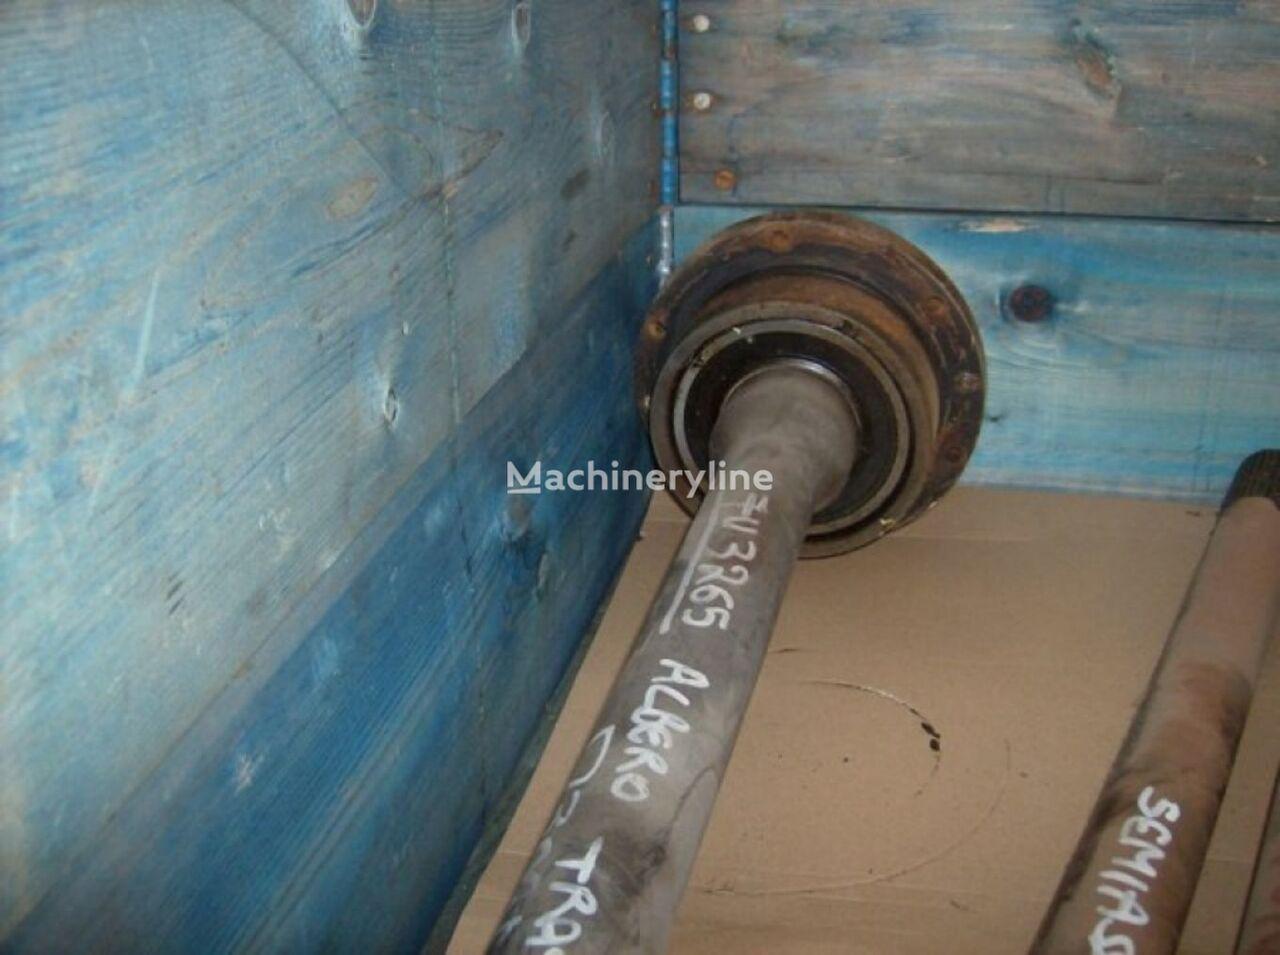 PROPELLER SHAFT 5MG324 half-axle for CATERPILLAR D300D 5MG324 bulldozer